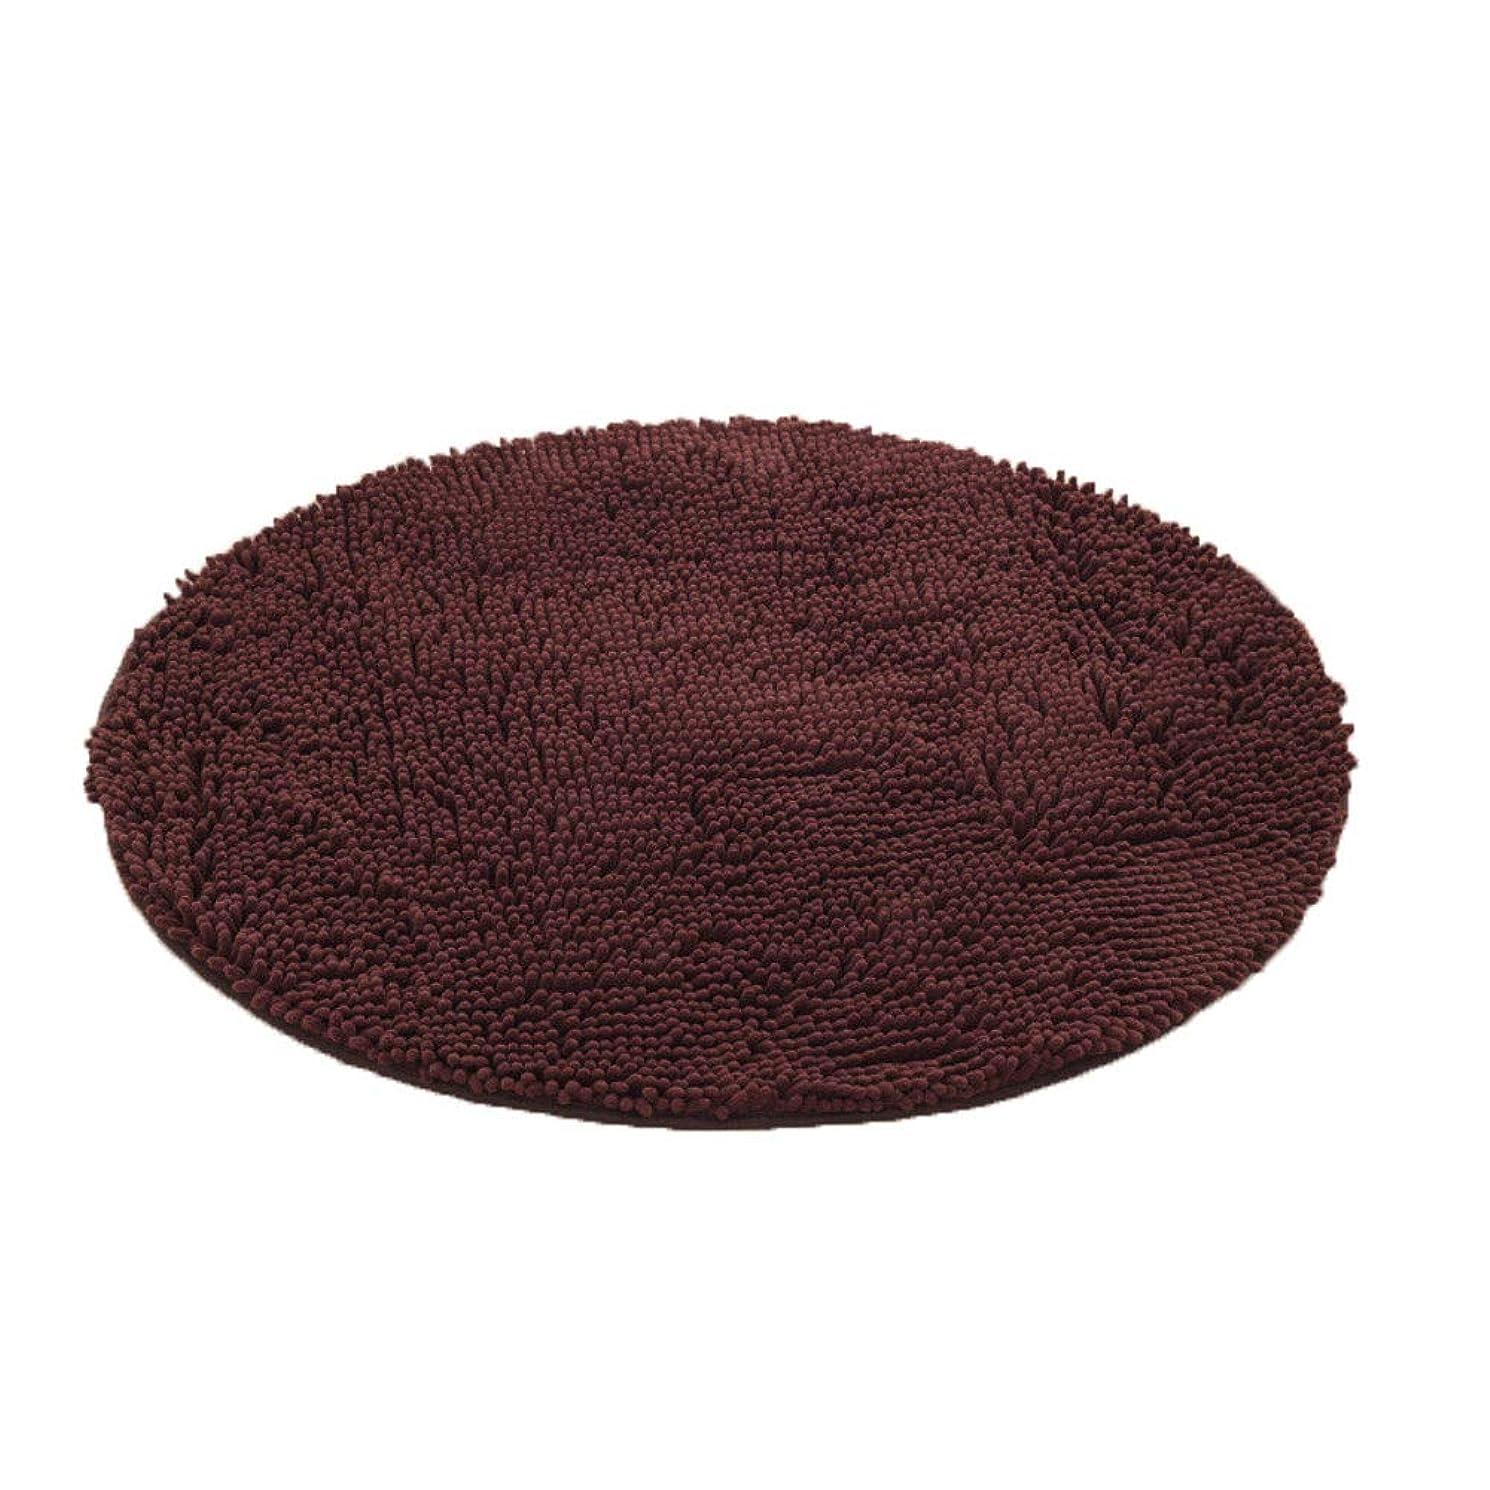 矢ペンス友情ラウンド 厚い ラグ?カーペット,キャタピラー 浴室の敷物 食品 滑り止め付 吸収 バスマット ソフト マイクロファイバー ドアのマット 床マット の ベッド バスルーム-ブラウン 直径:70cm